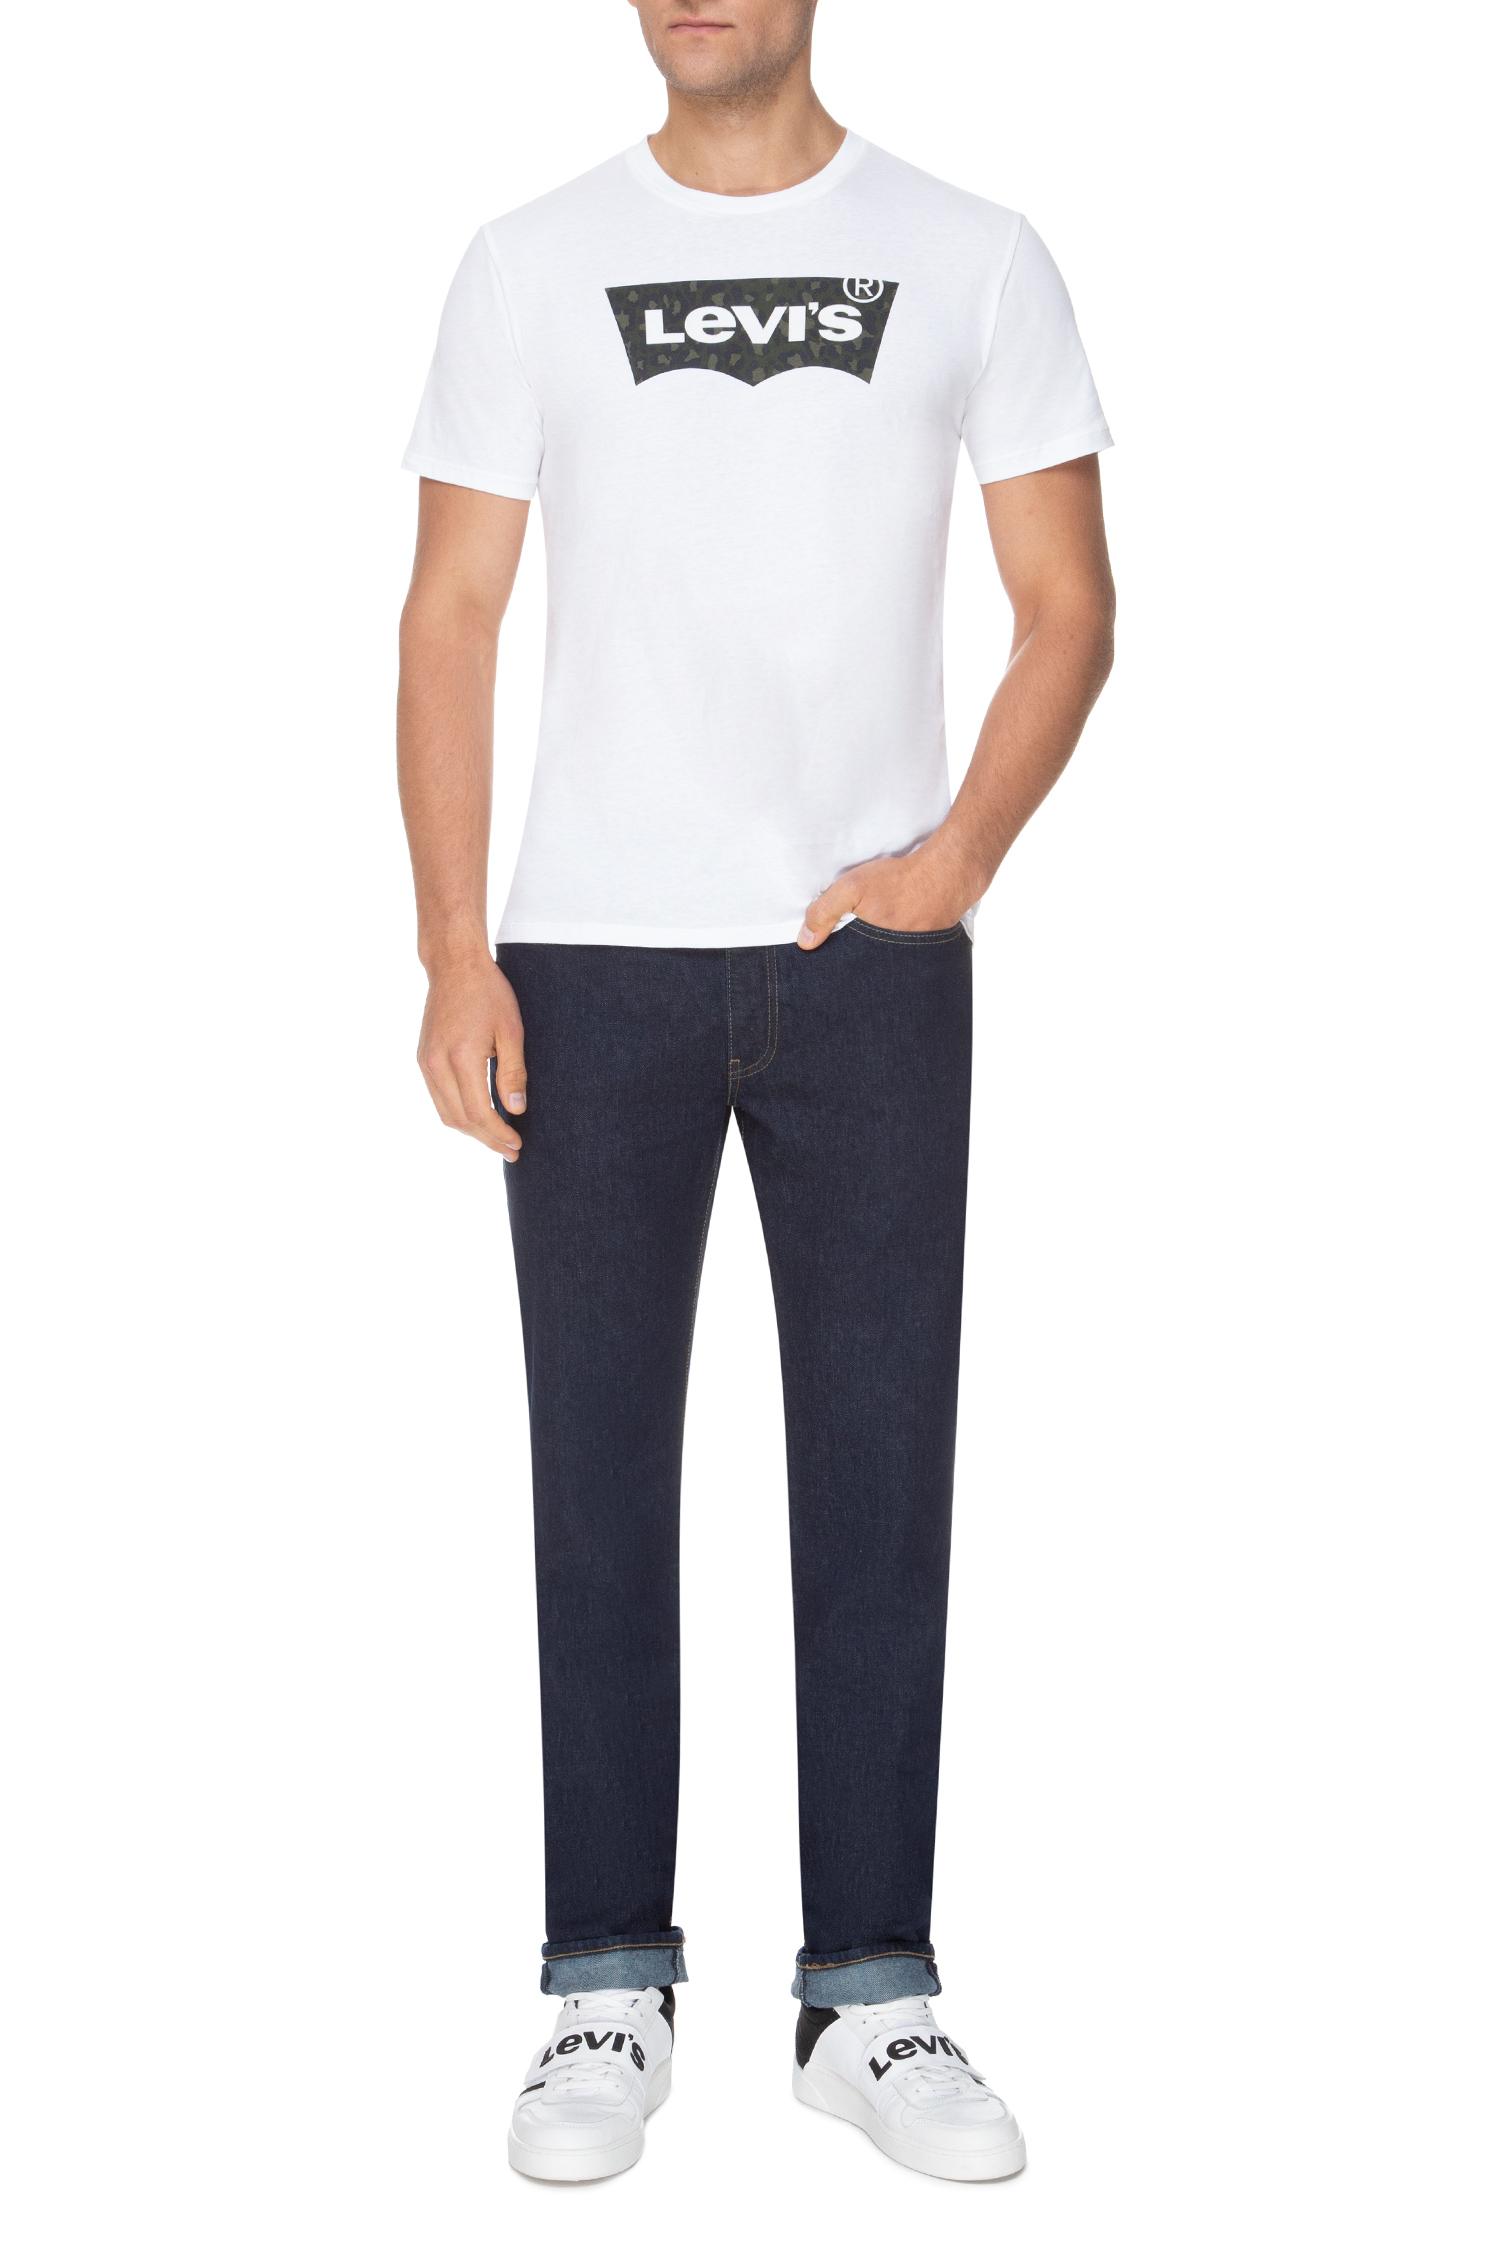 Мужские темно-синие джинсы 514 Straight Levi's 00514;1276